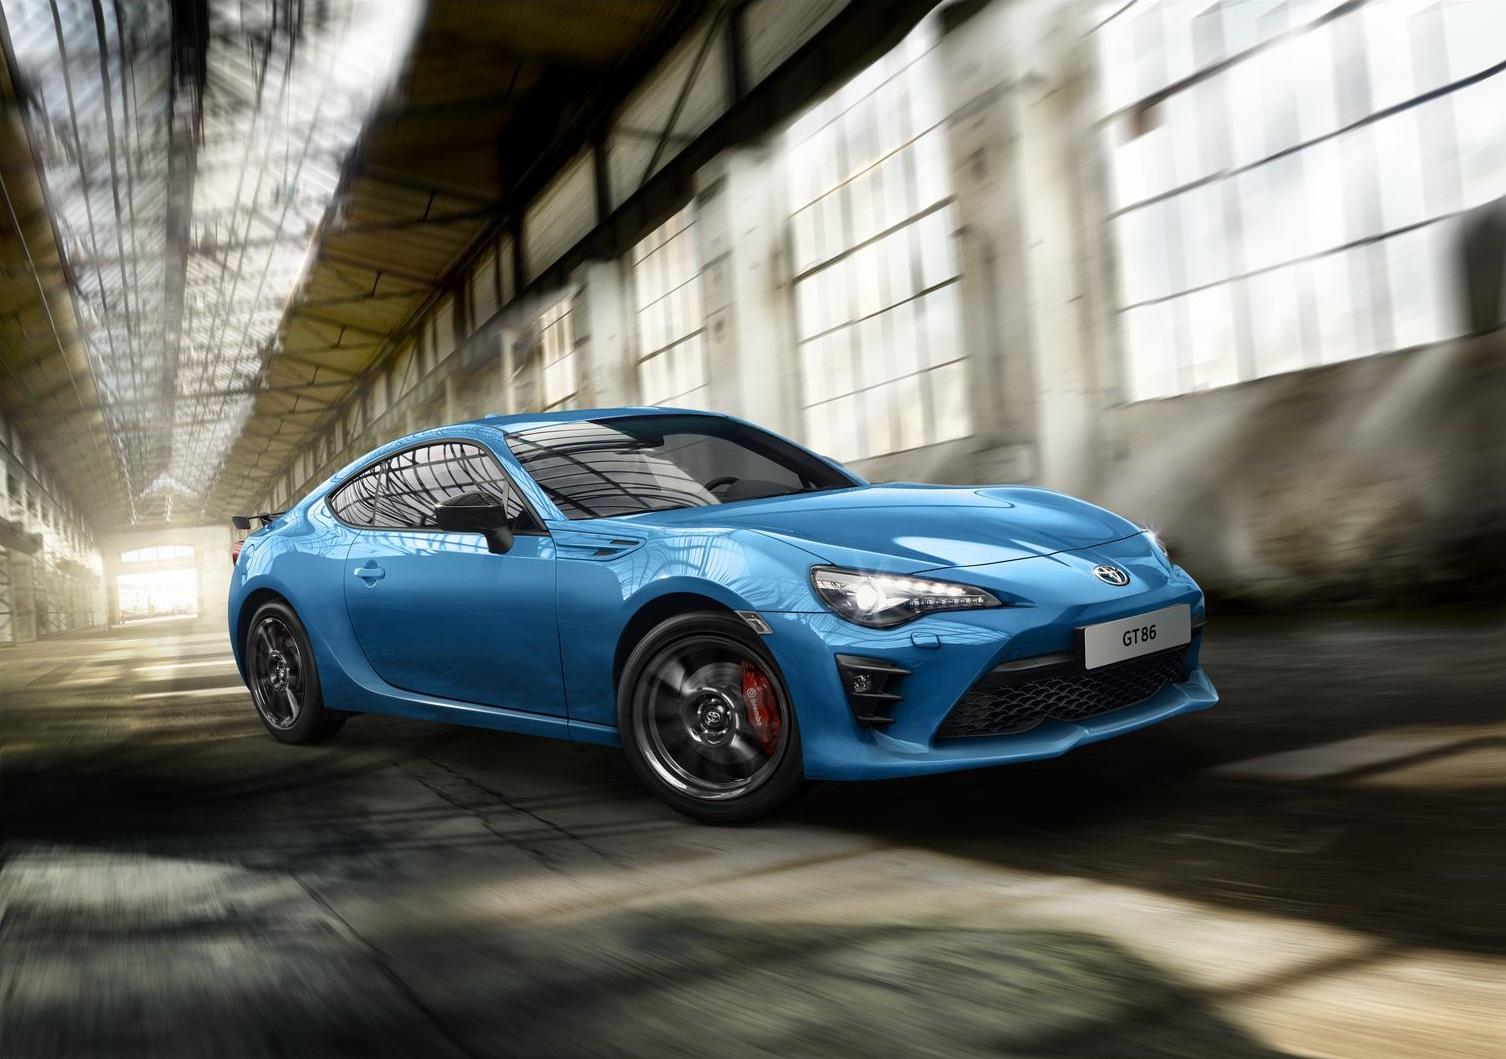 Toyota celebra os seus 50 anos com edição especial GT86